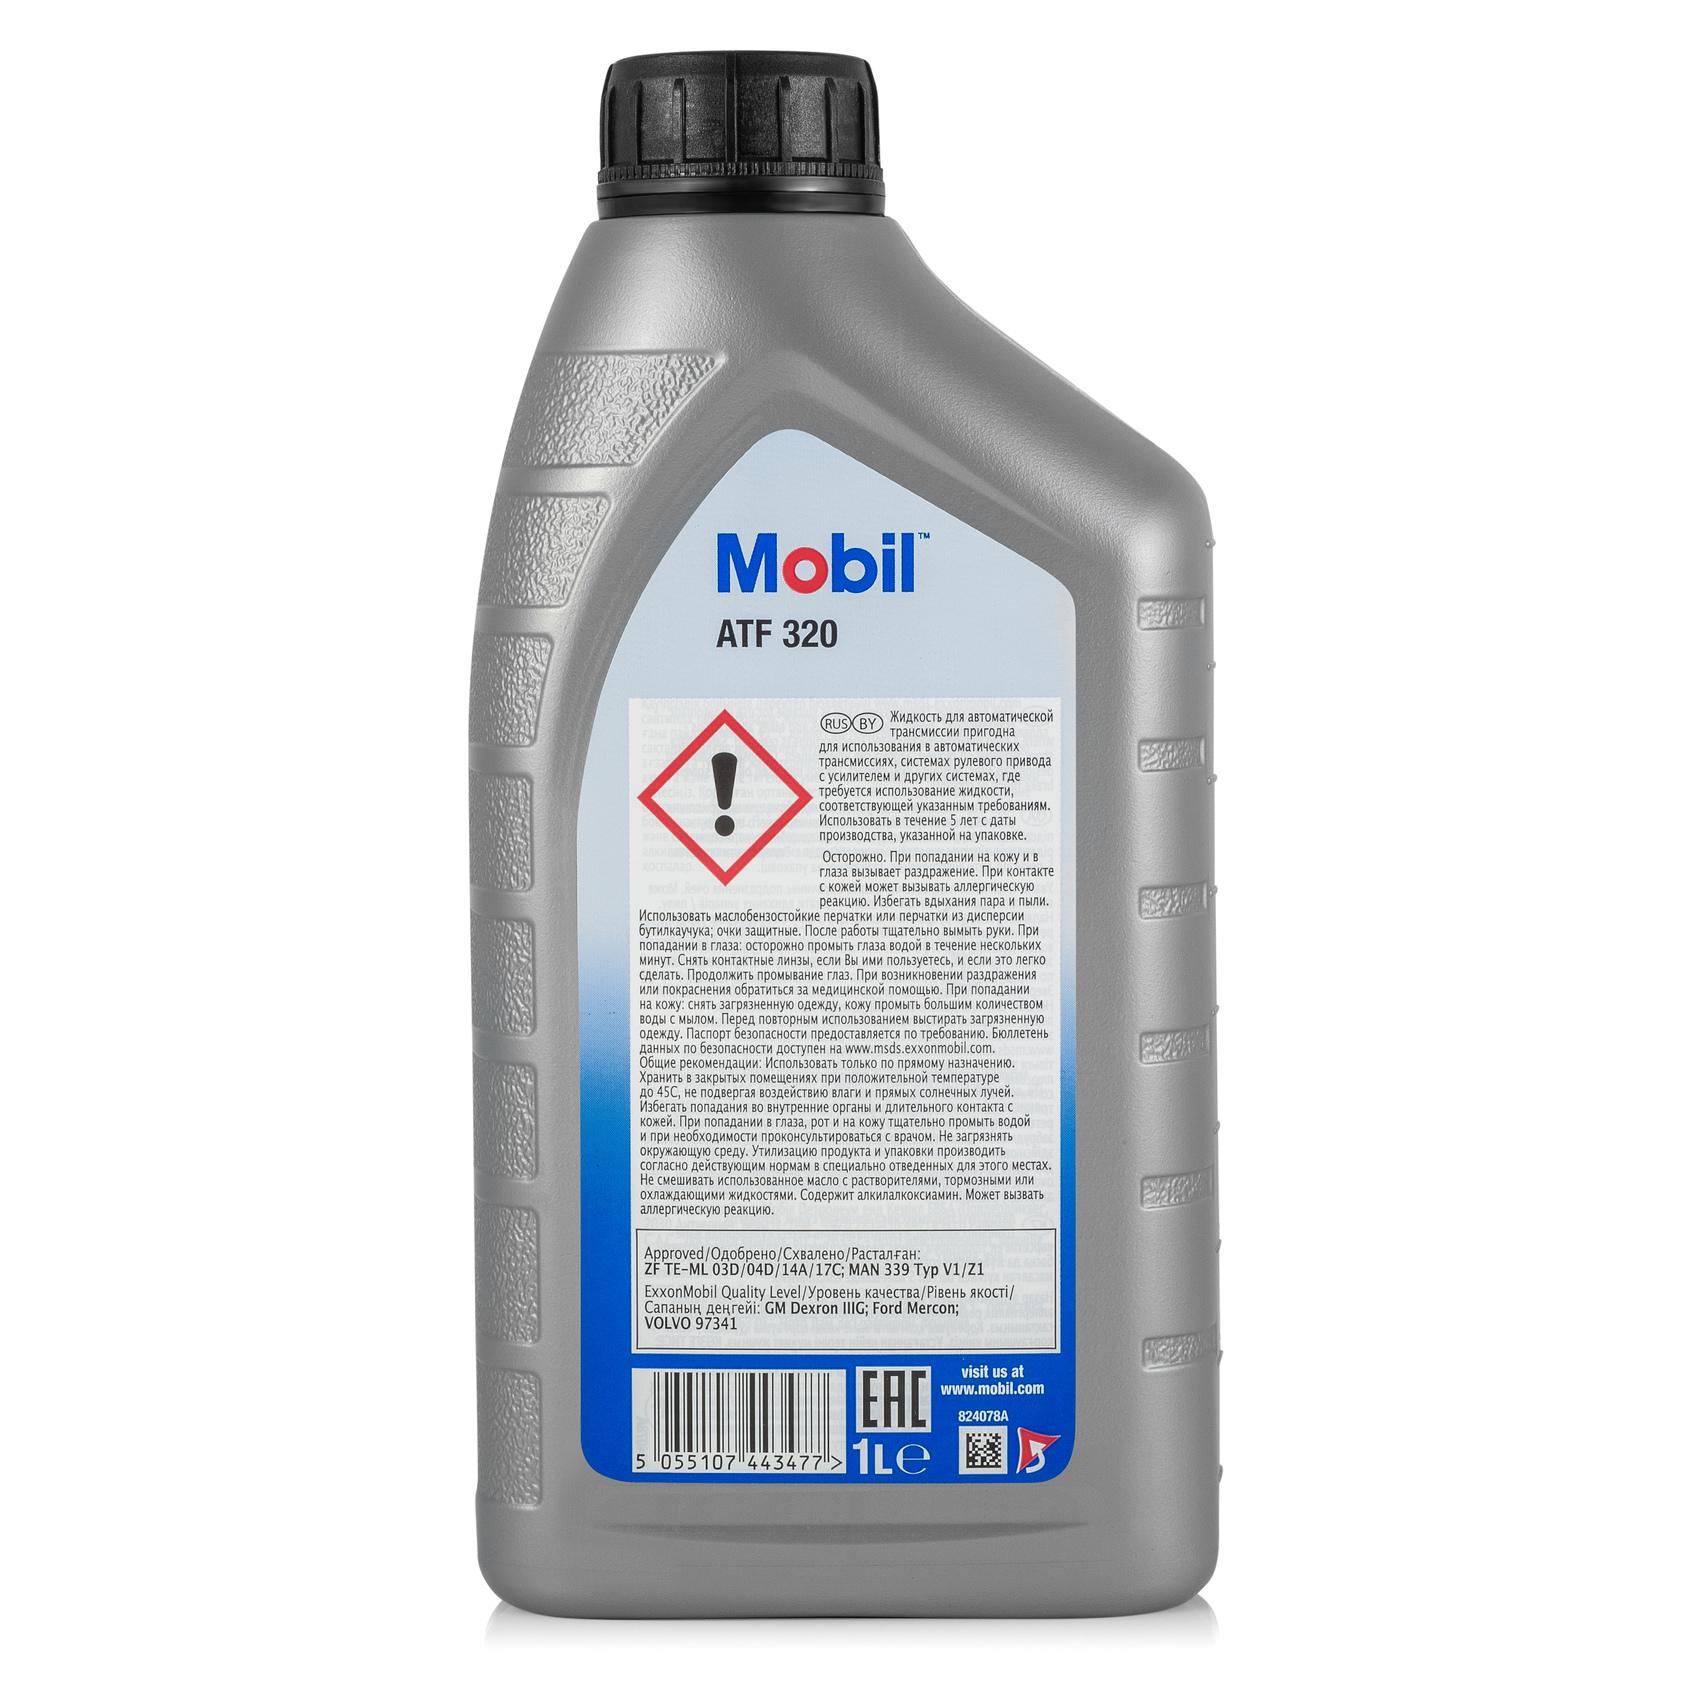 Масло трансмиссионное Mobil ATF 320, 1 л Mobil 146476 - фото 3